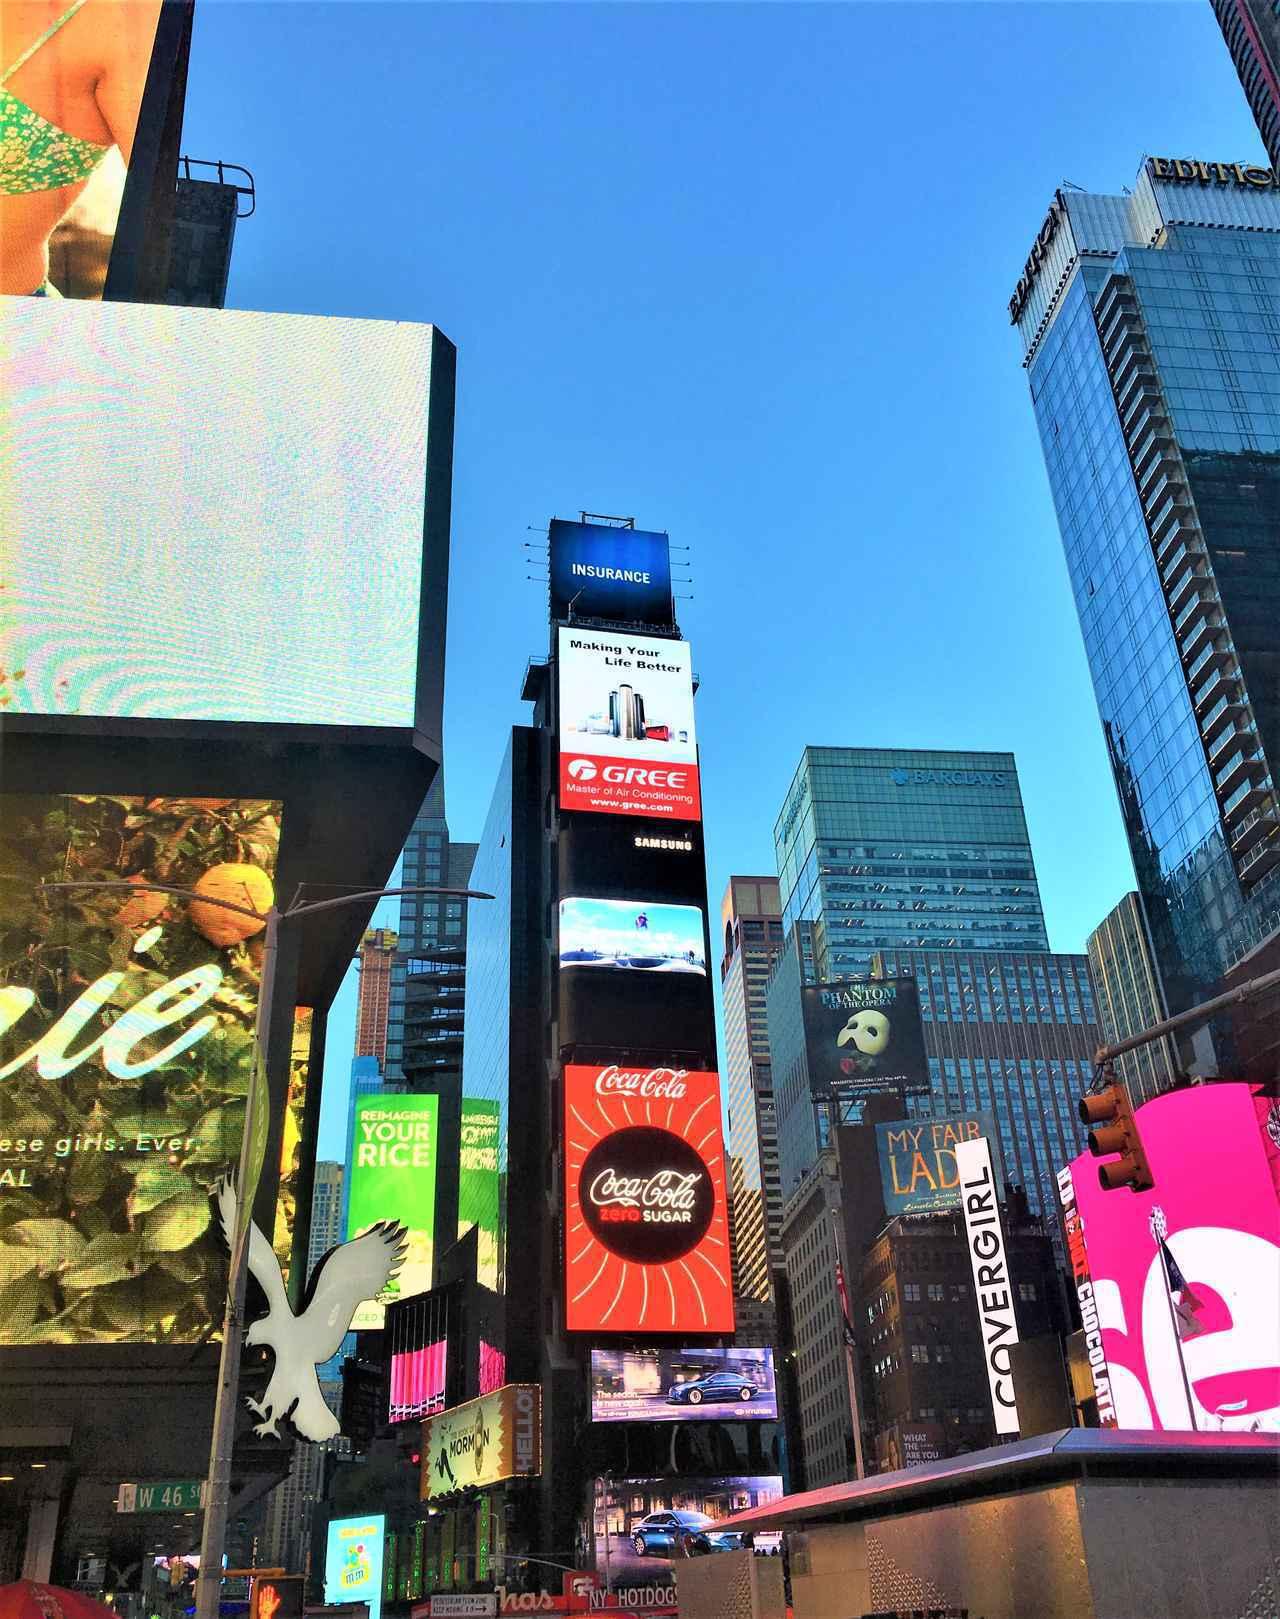 画像: ついに!ニューヨーク・ブロードウェイが再開します! - 松竹ブロードウェイシネマ